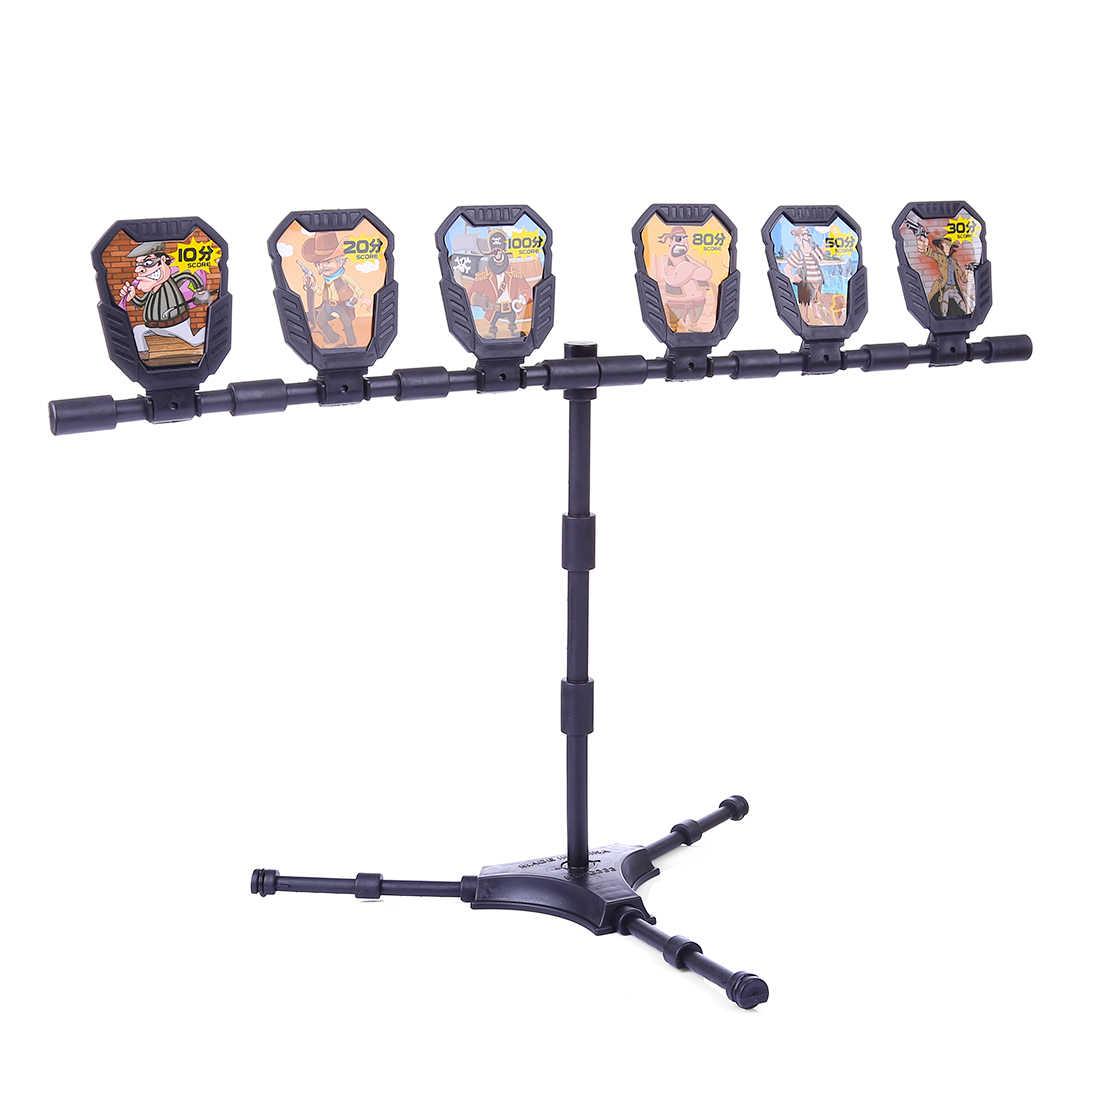 2019 جديد وصول 6 قطعة الأهداف اطلاق النار مع ملصقات وقوس ل Nerf في الهواء الطلق الصيد رغوة النبال الناسف ممارسة الملحقات